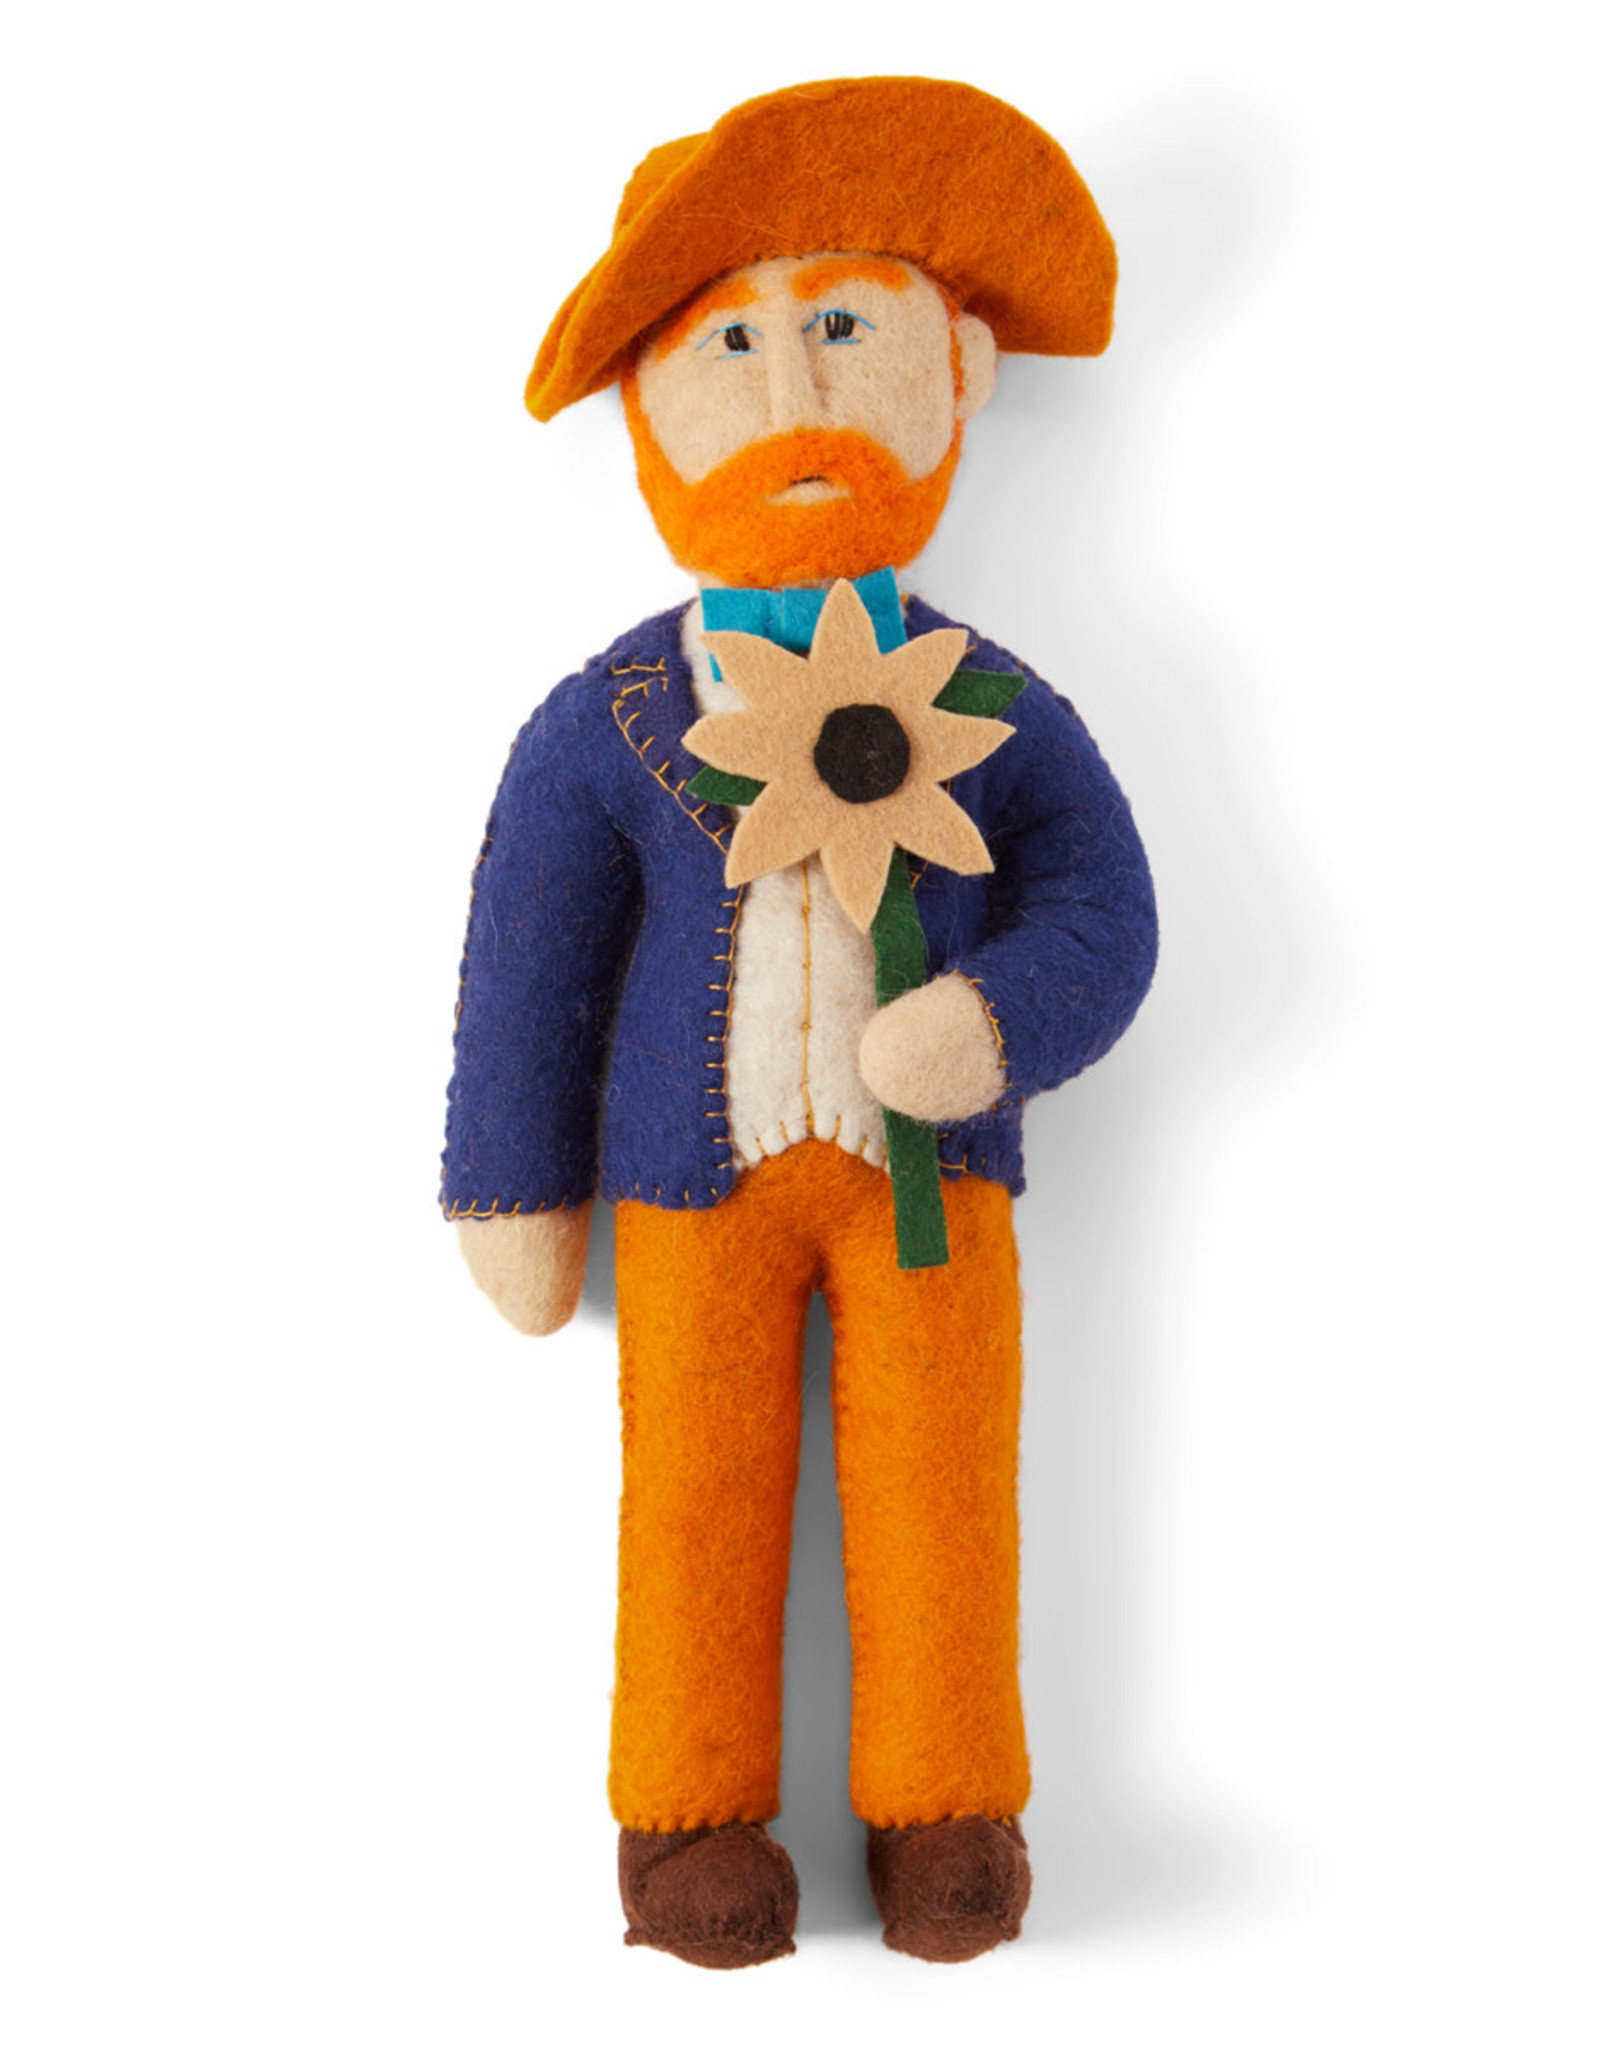 Kyrgyzstan, Historical Felt Dolls Vincent Van Gogh